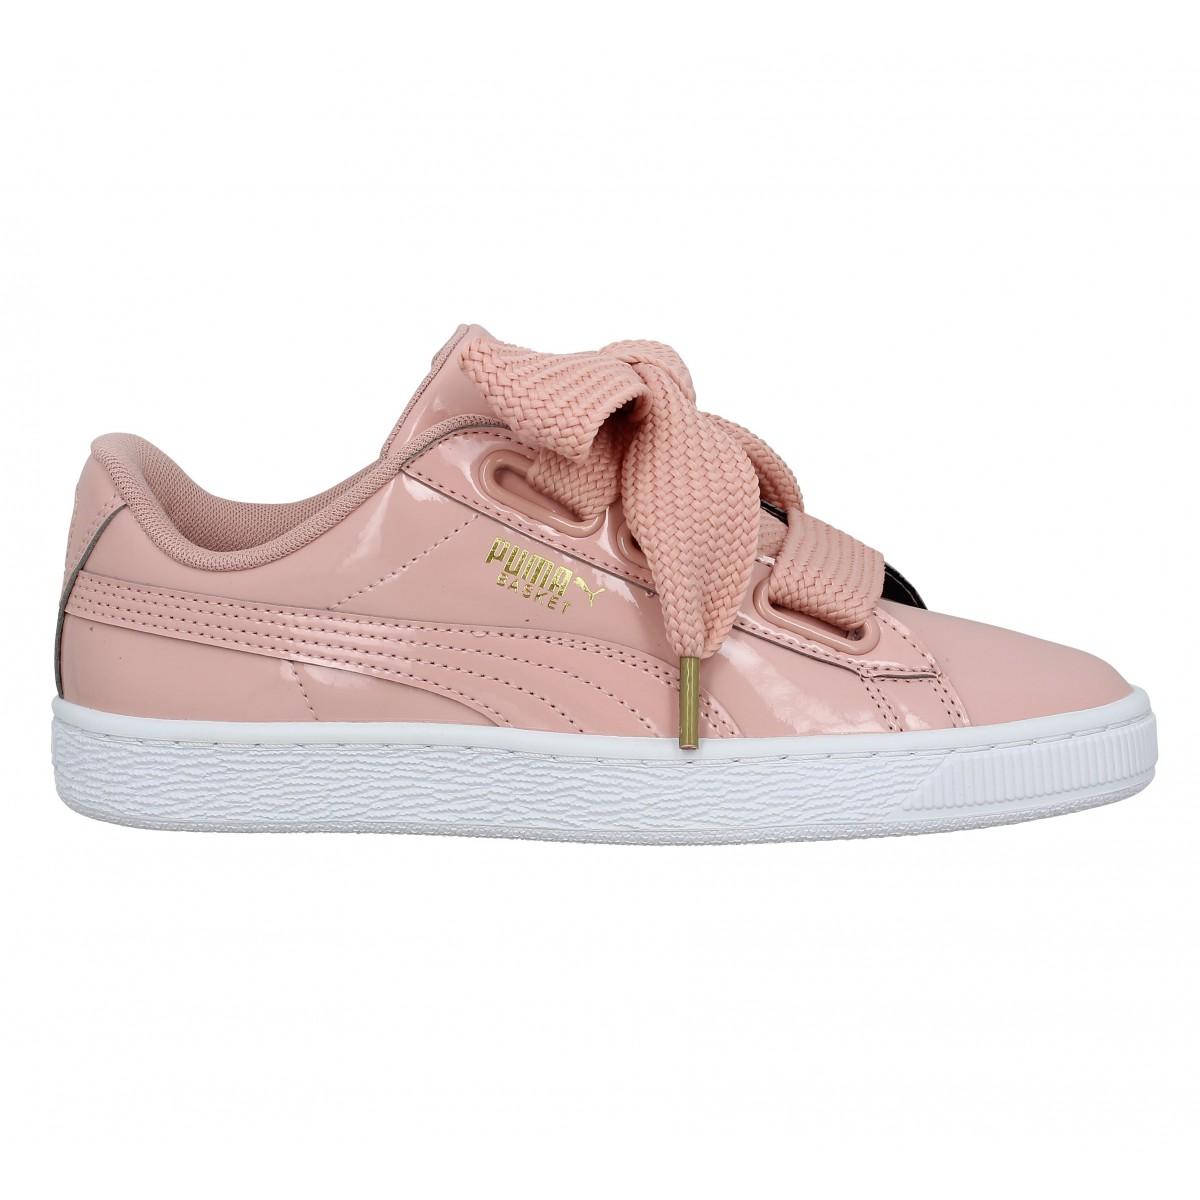 Chaussures à élastique Puma roses femme so0Eovmn